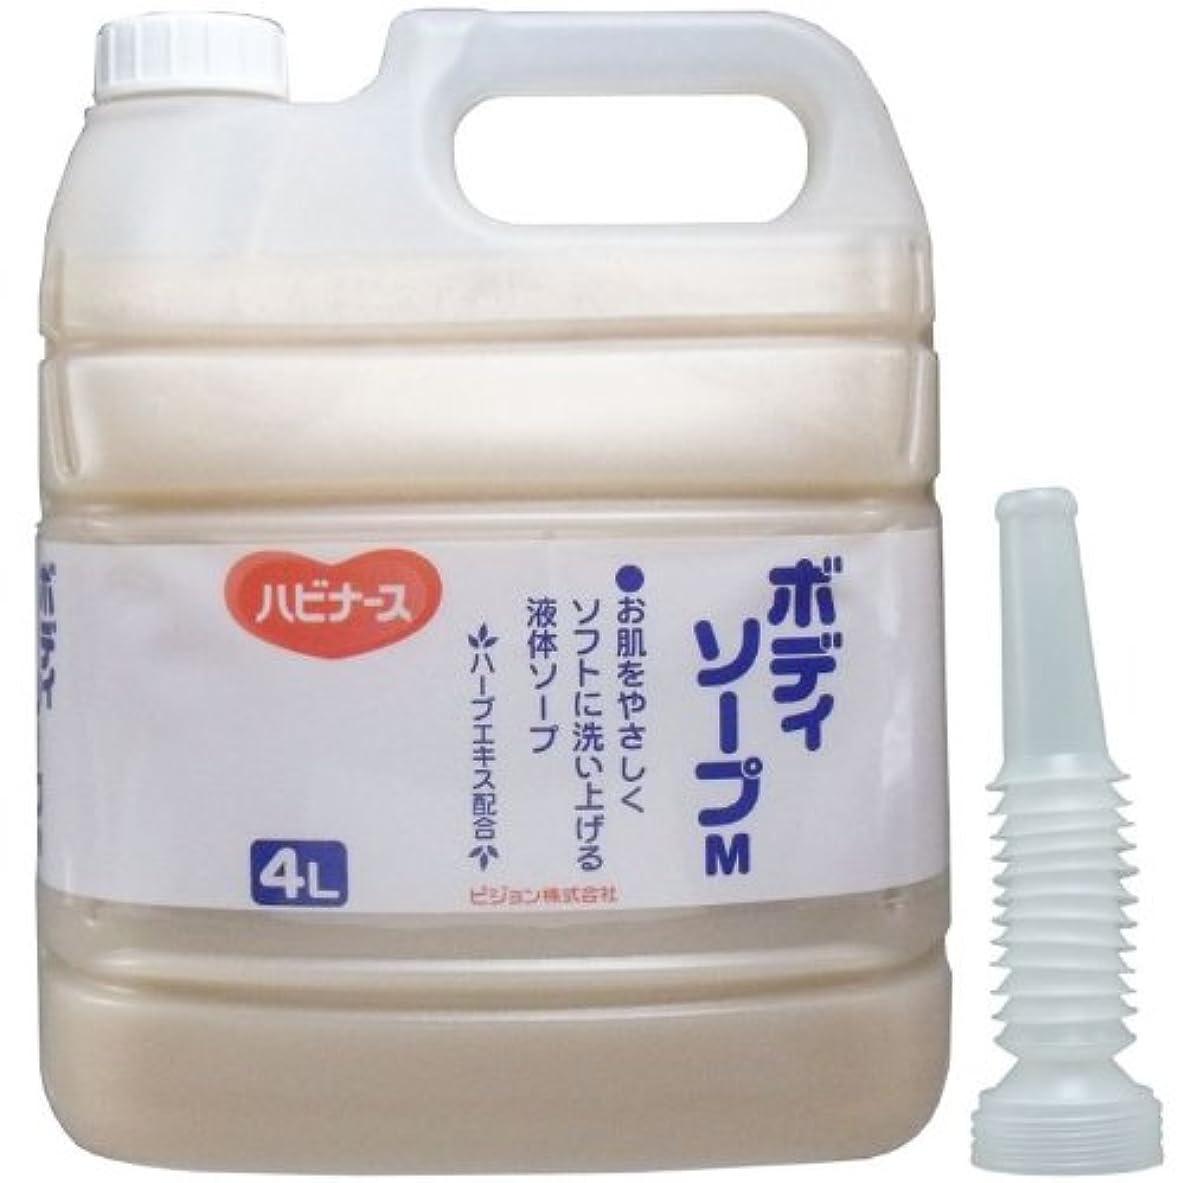 ダブル徹底的に改修液体ソープ ボディソープ 風呂 石ケン お肌をやさしくソフトに洗い上げる!業務用 4L【5個セット】